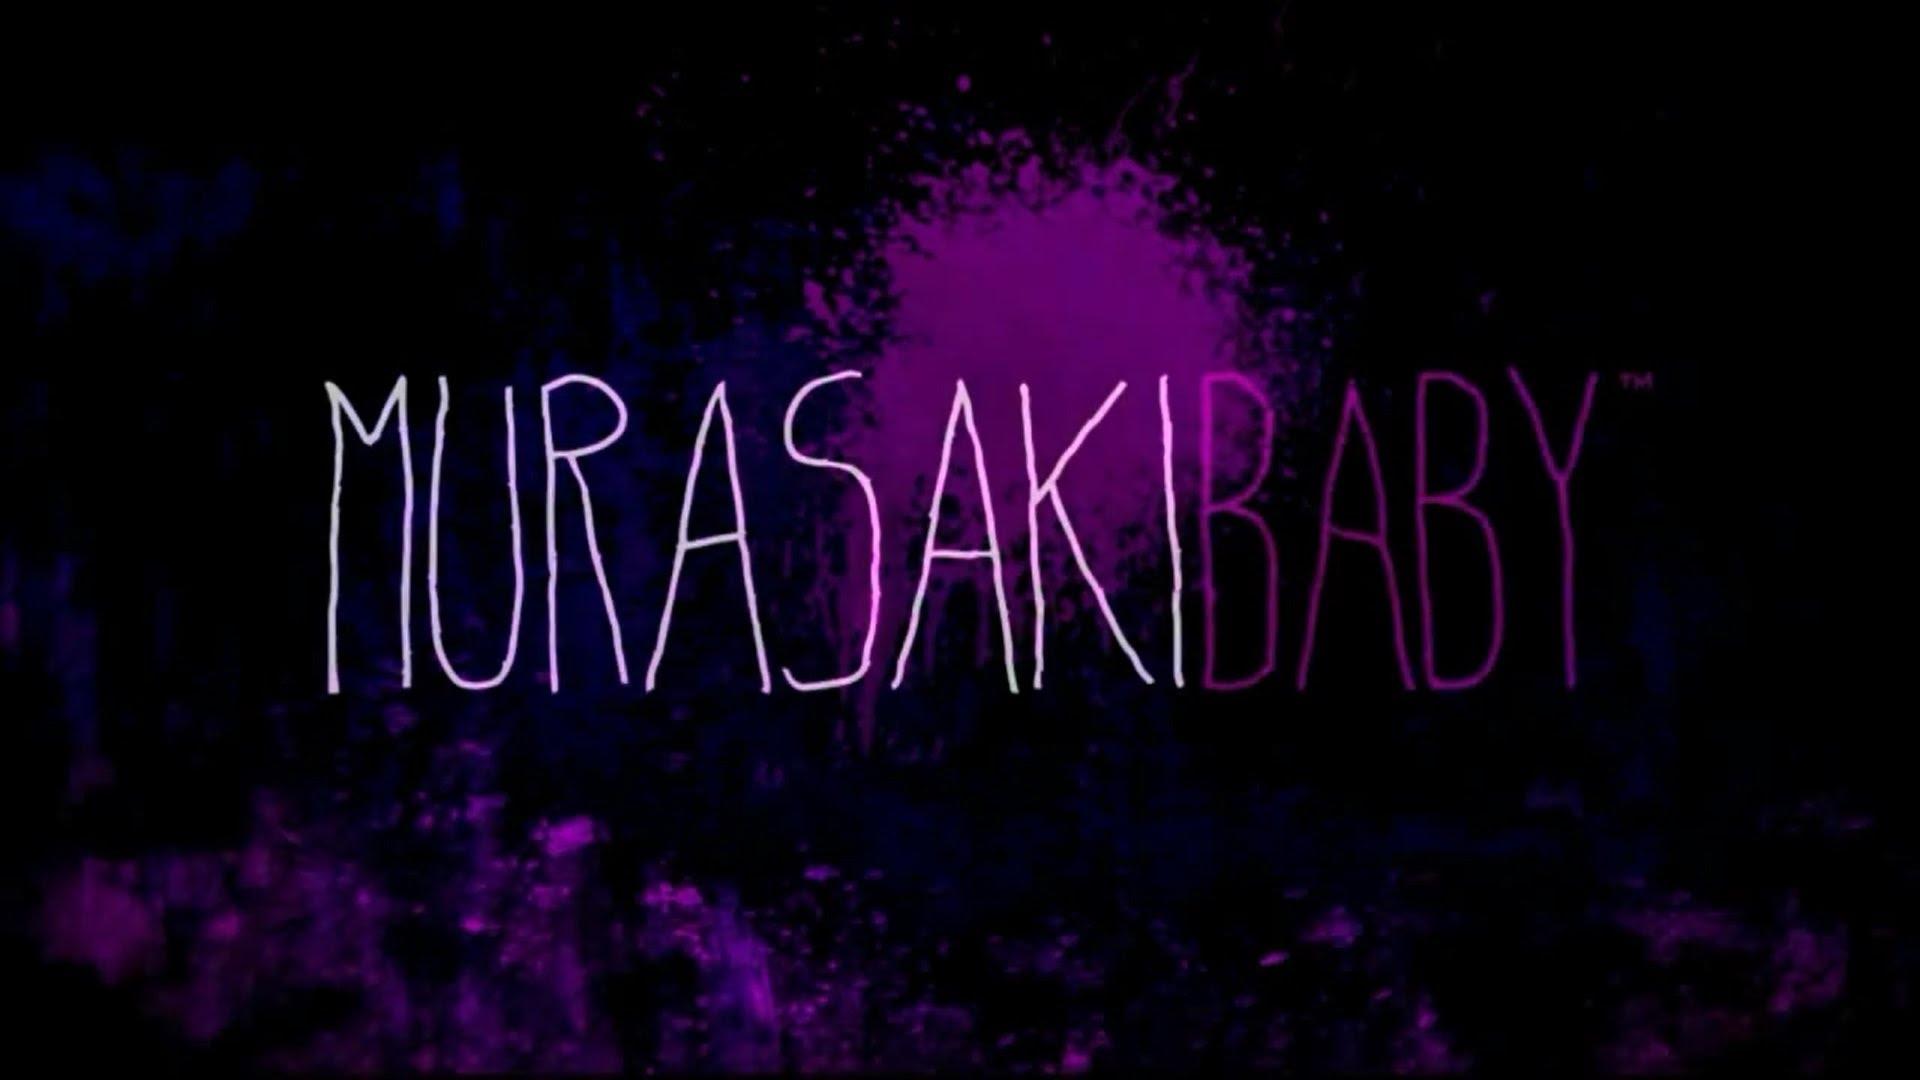 murasaki baby 1406